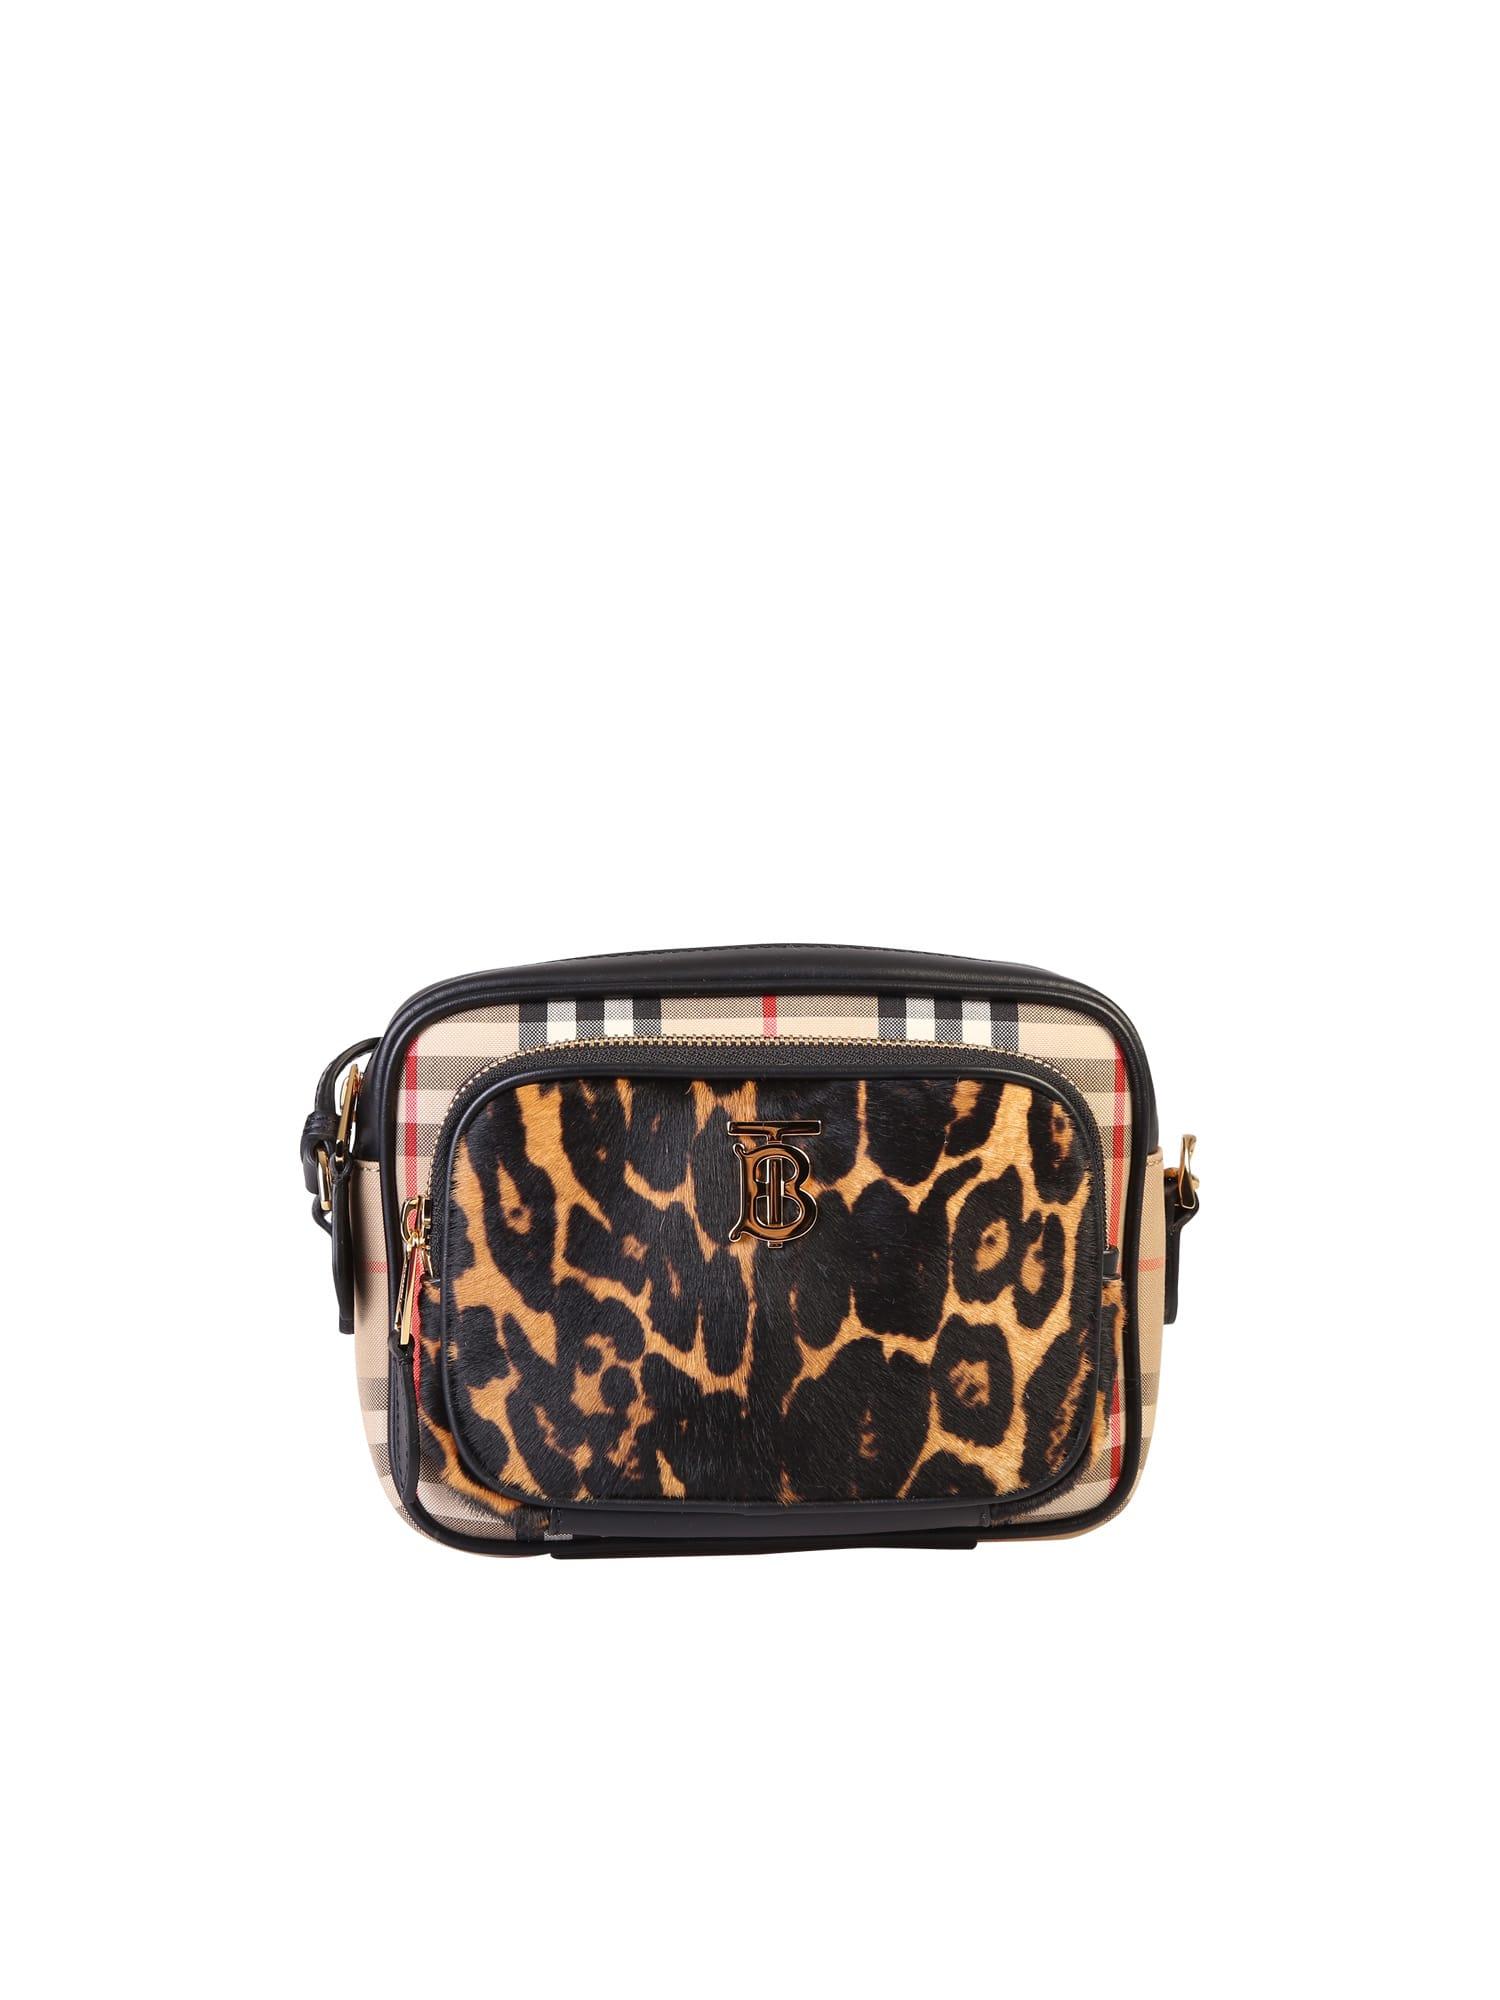 Burberry Leopard Print Camera Bag